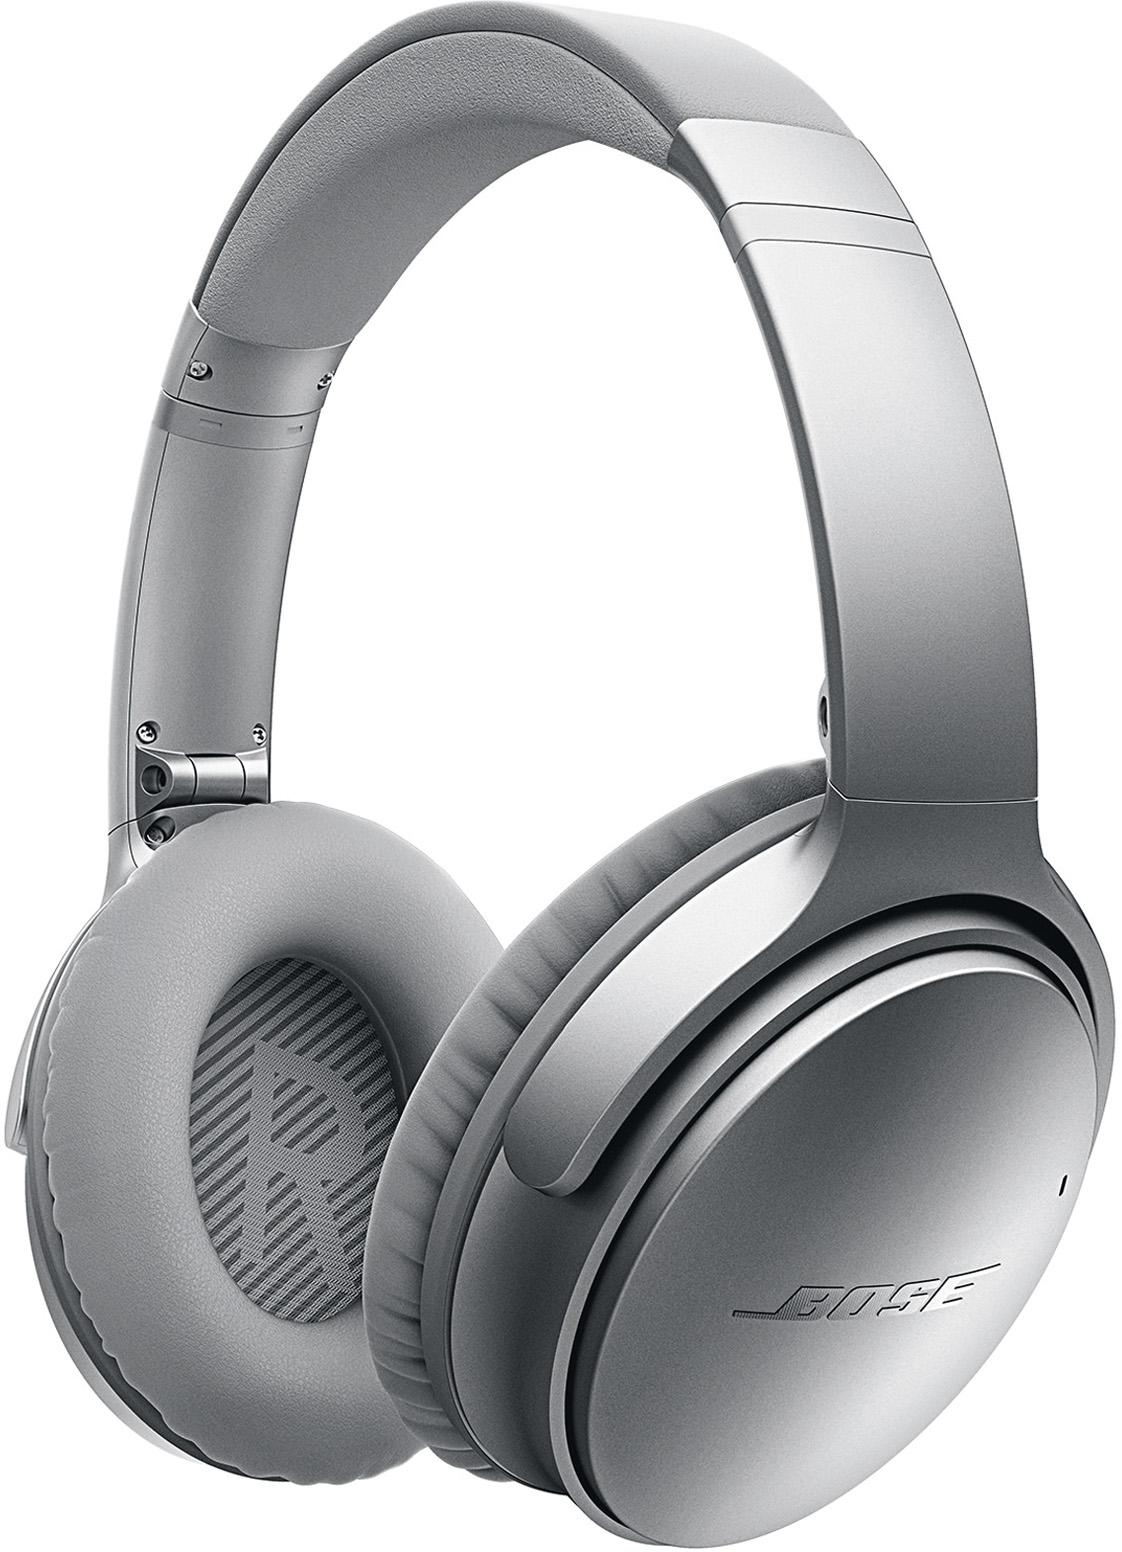 Bose QuietComfort 35 Wireless Headphones (Silver)